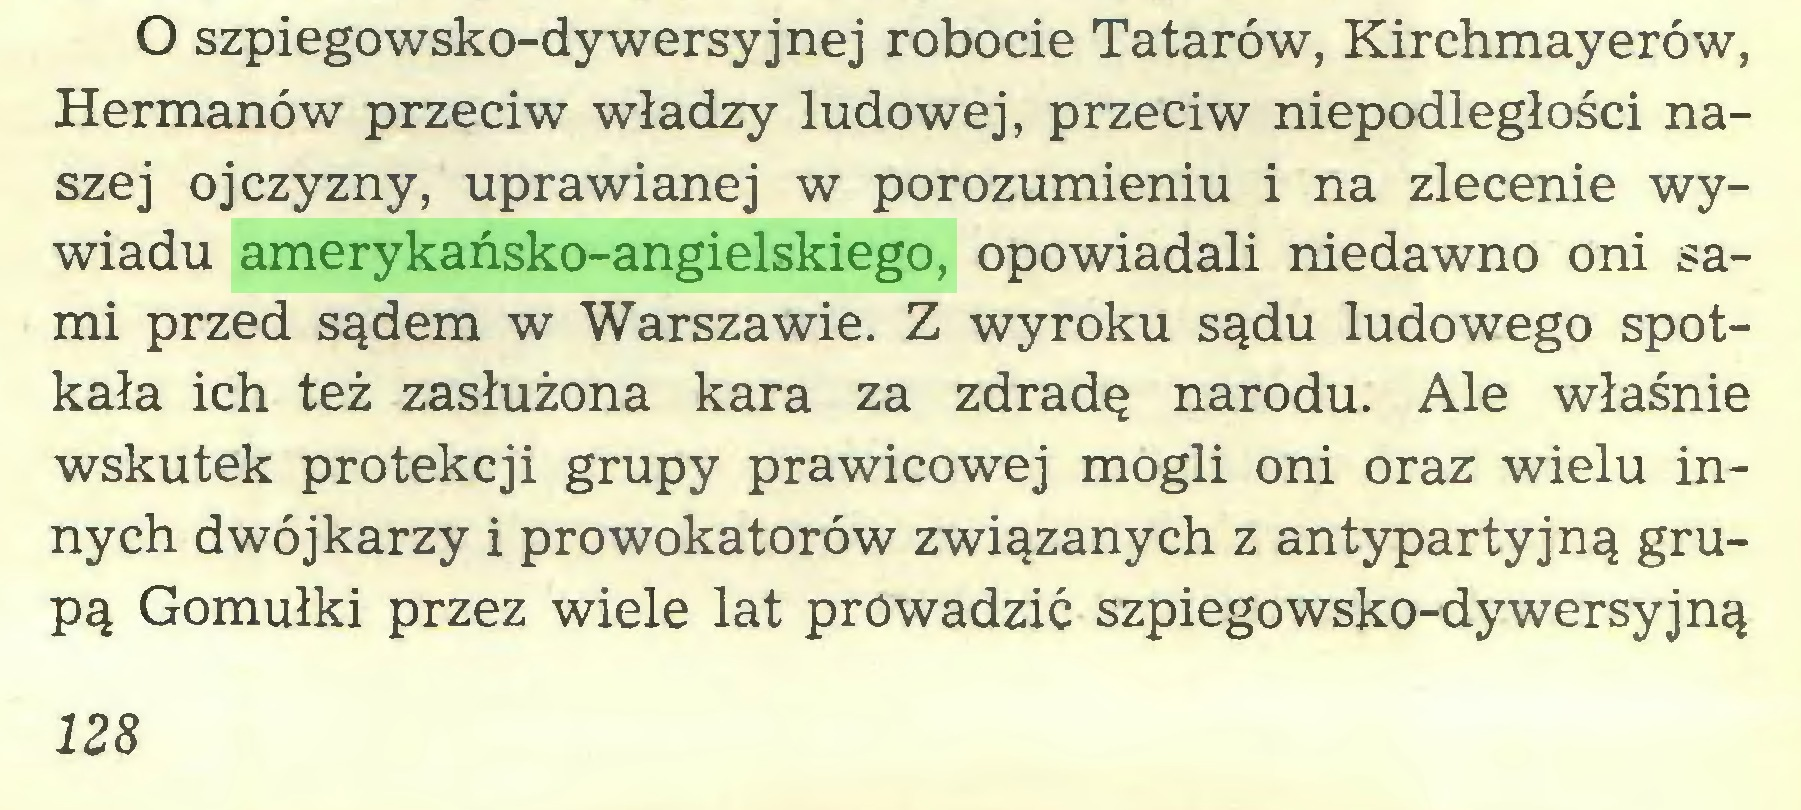 (...) O szpiegowsko-dywersyjnej robocie Tatarów, Kirchmayerów, Hermanów przeciw władzy ludowej, przeciw niepodległości naszej ojczyzny, uprawianej w porozumieniu i na zlecenie wywiadu amerykańsko-angielskiego, opowiadali niedawno oni sami przed sądem w Warszawie. Z wyroku sądu ludowego spotkała ich też zasłużona kara za zdradę narodu. Ale właśnie wskutek protekcji grupy prawicowej mogli oni oraz wielu innych dwójkarzy i prowokatorów związanych z antypartyjną grupą Gomułki przez wiele lat prowadzić szpiegowsko-dy wersyjną 128...